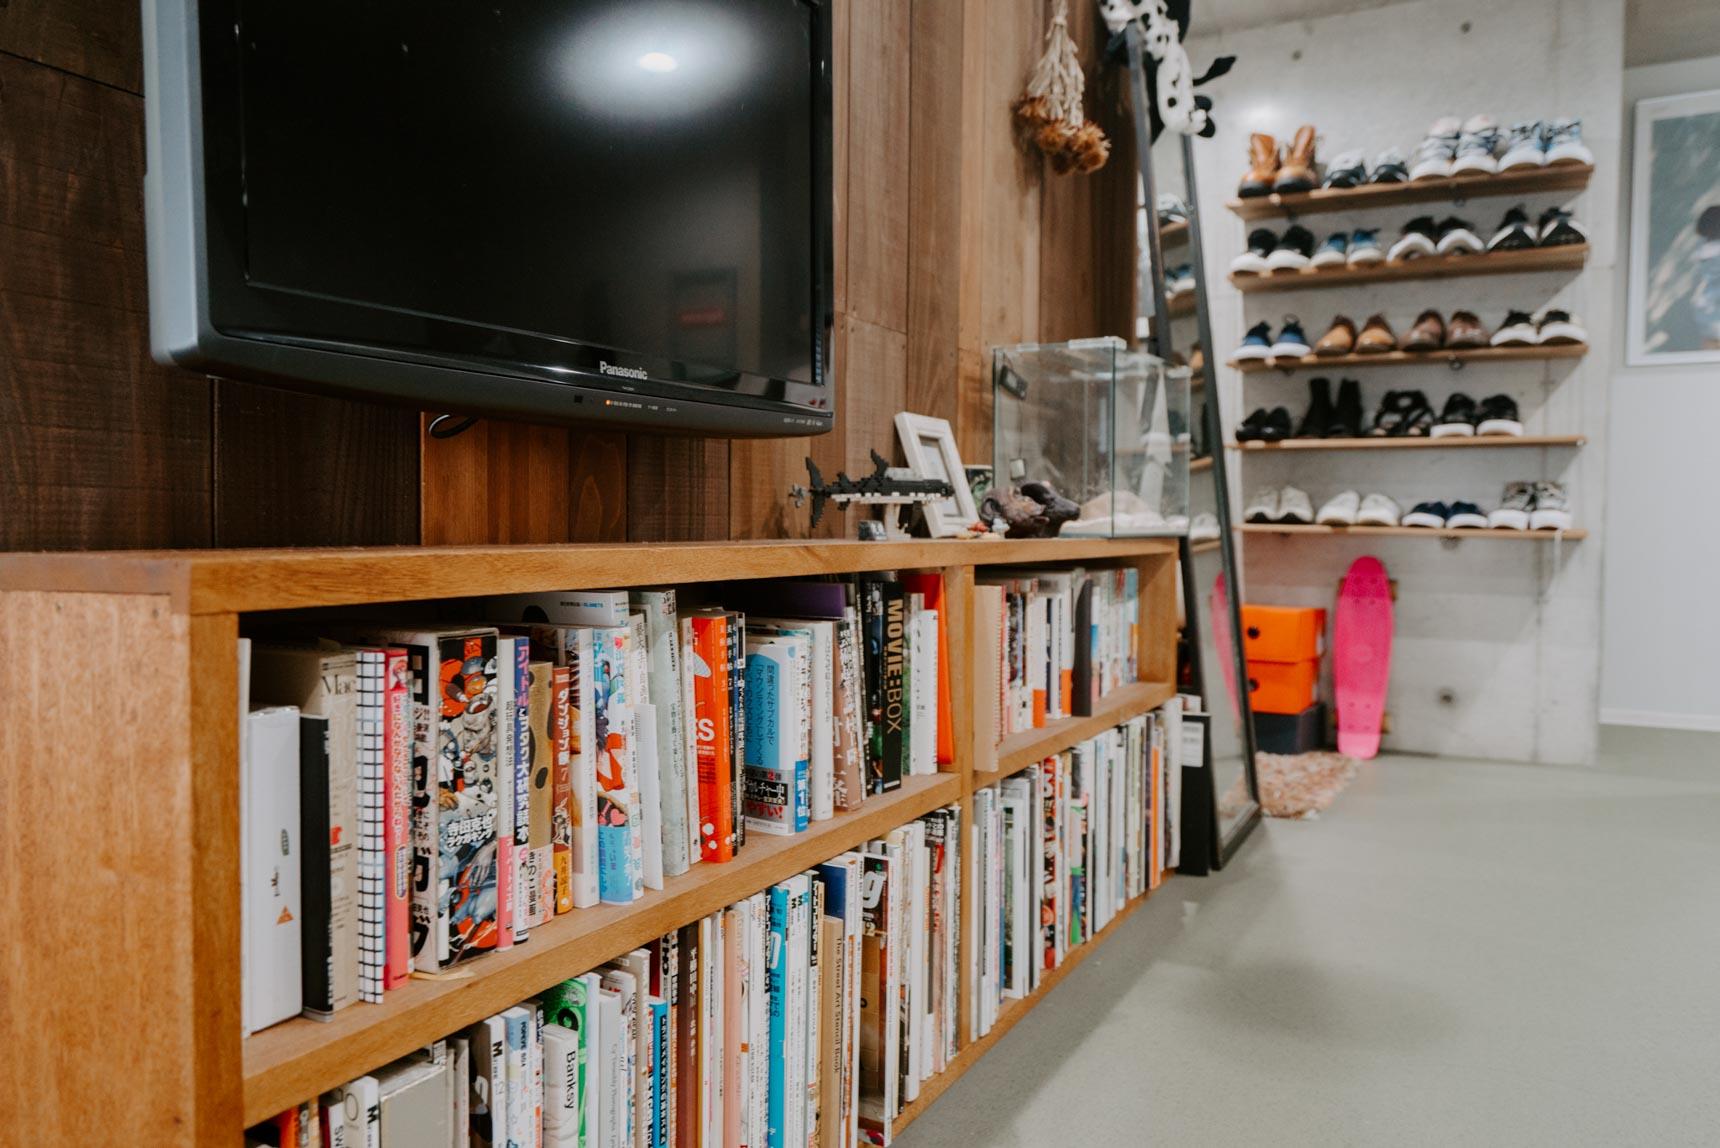 下の部分には、飾り棚と本の収納を兼ねたローシェルフをおいて。